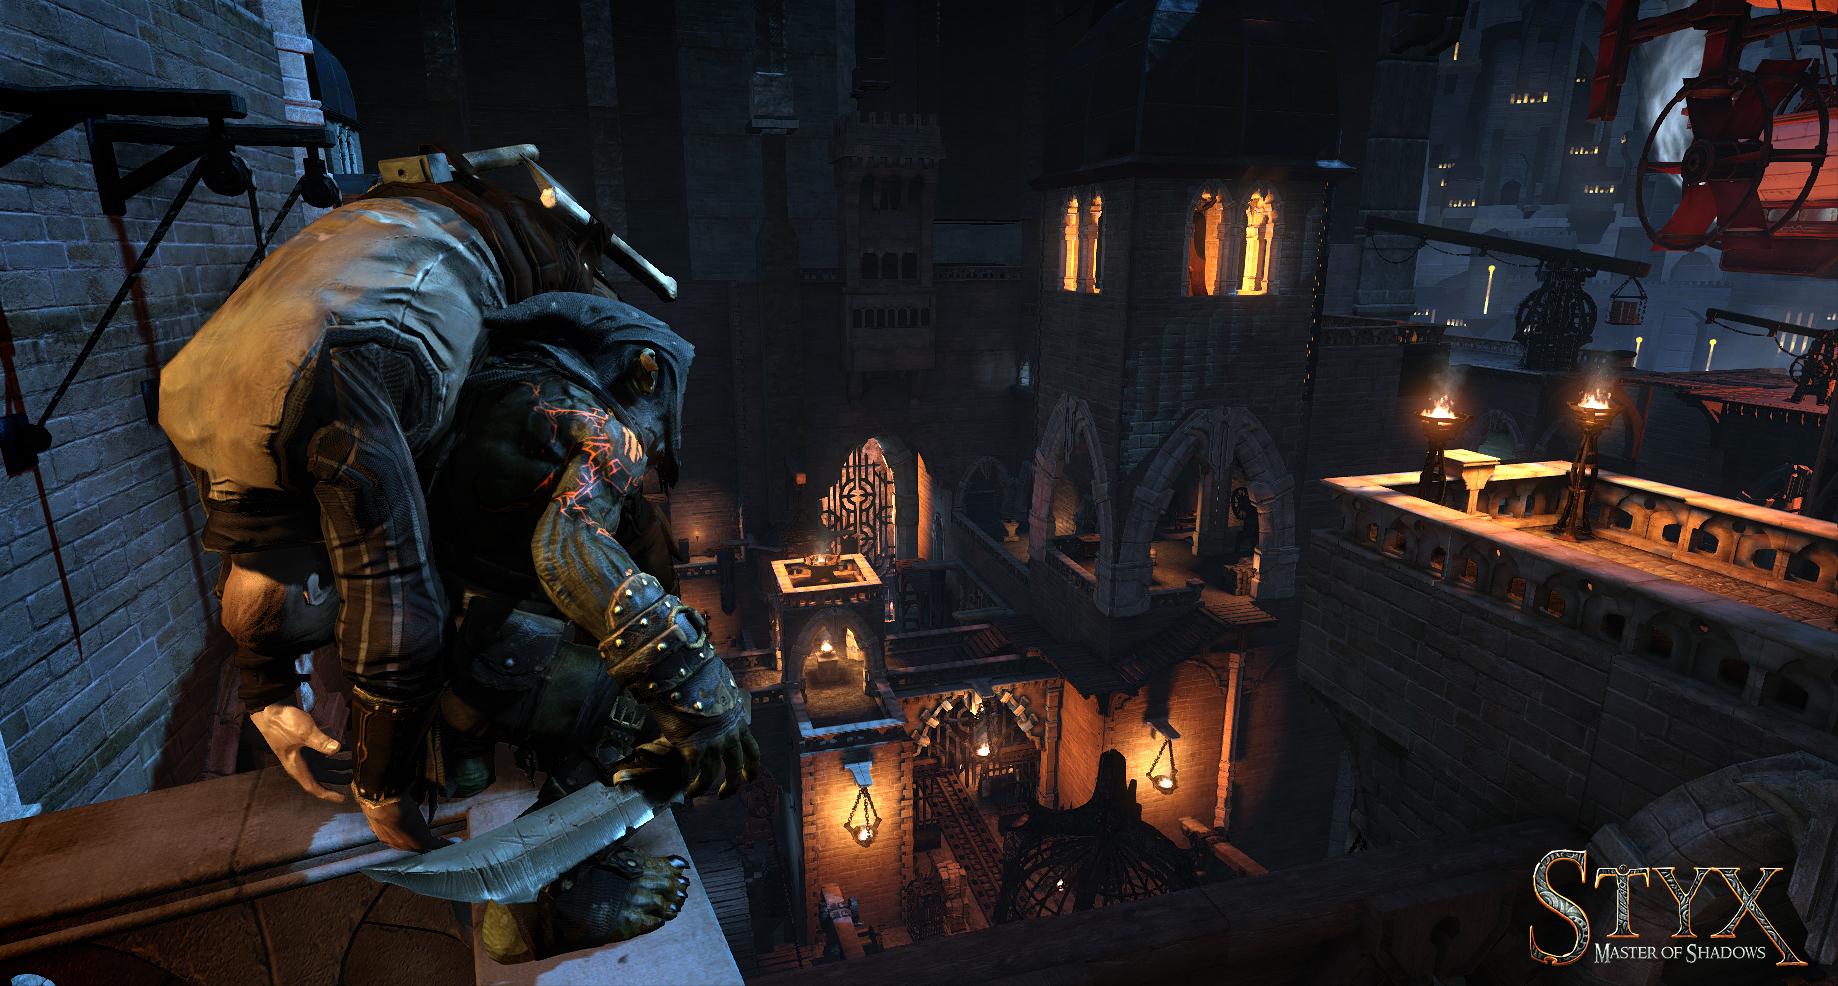 Nové obrázky z akčního RPG Styx: Master of Shadows 95740